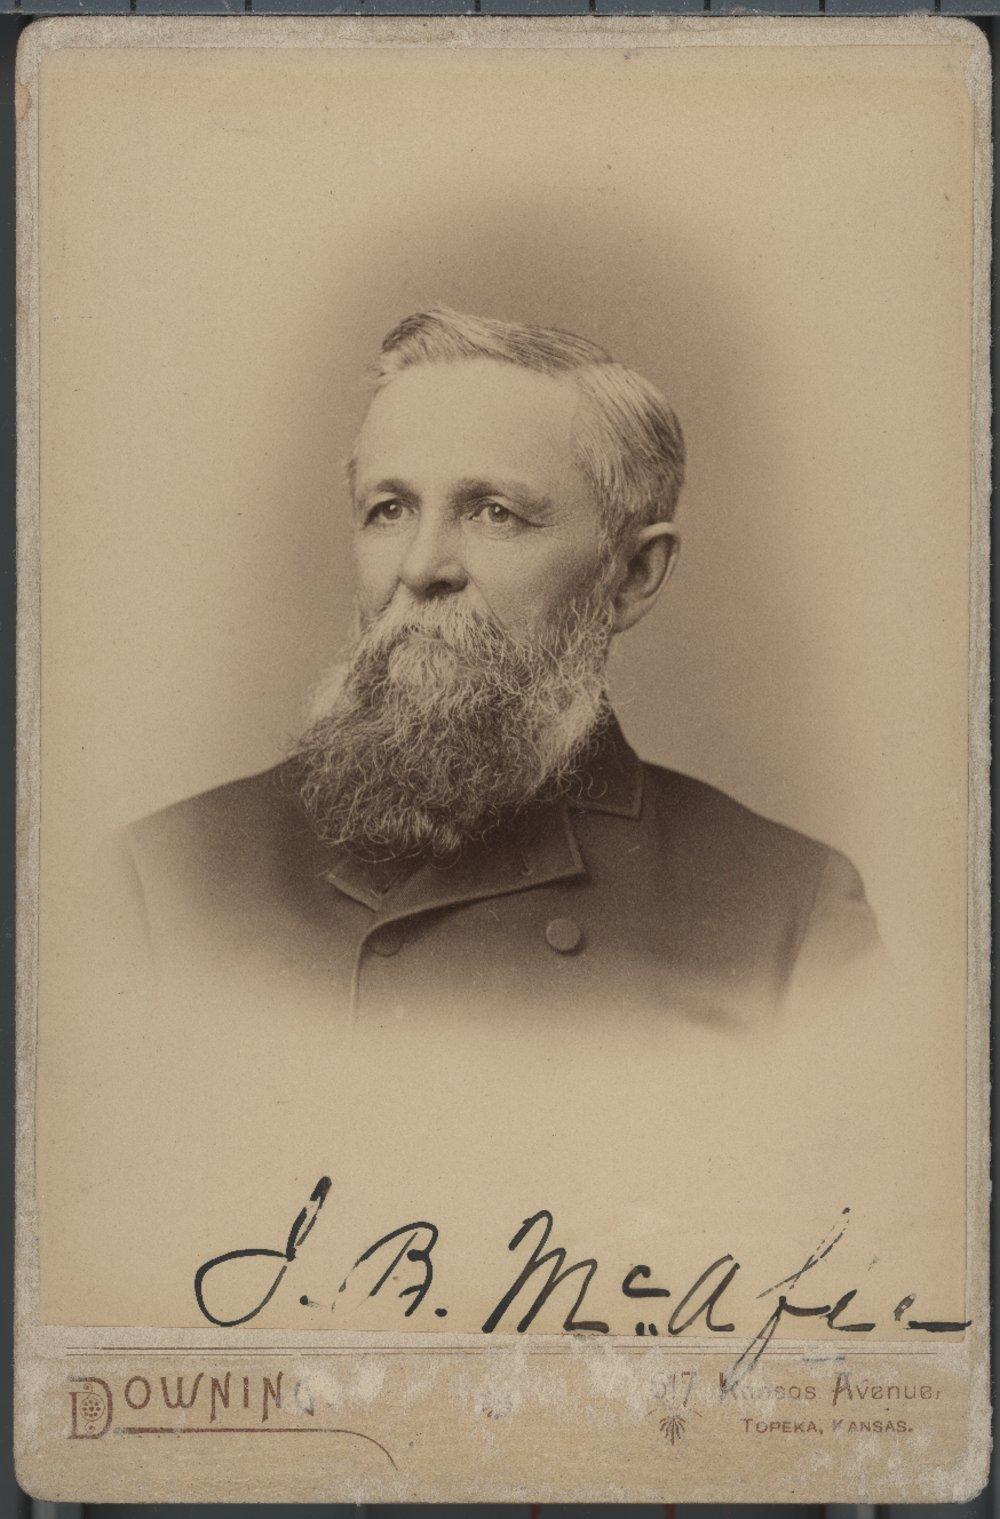 Josiah BreckBill McAfee